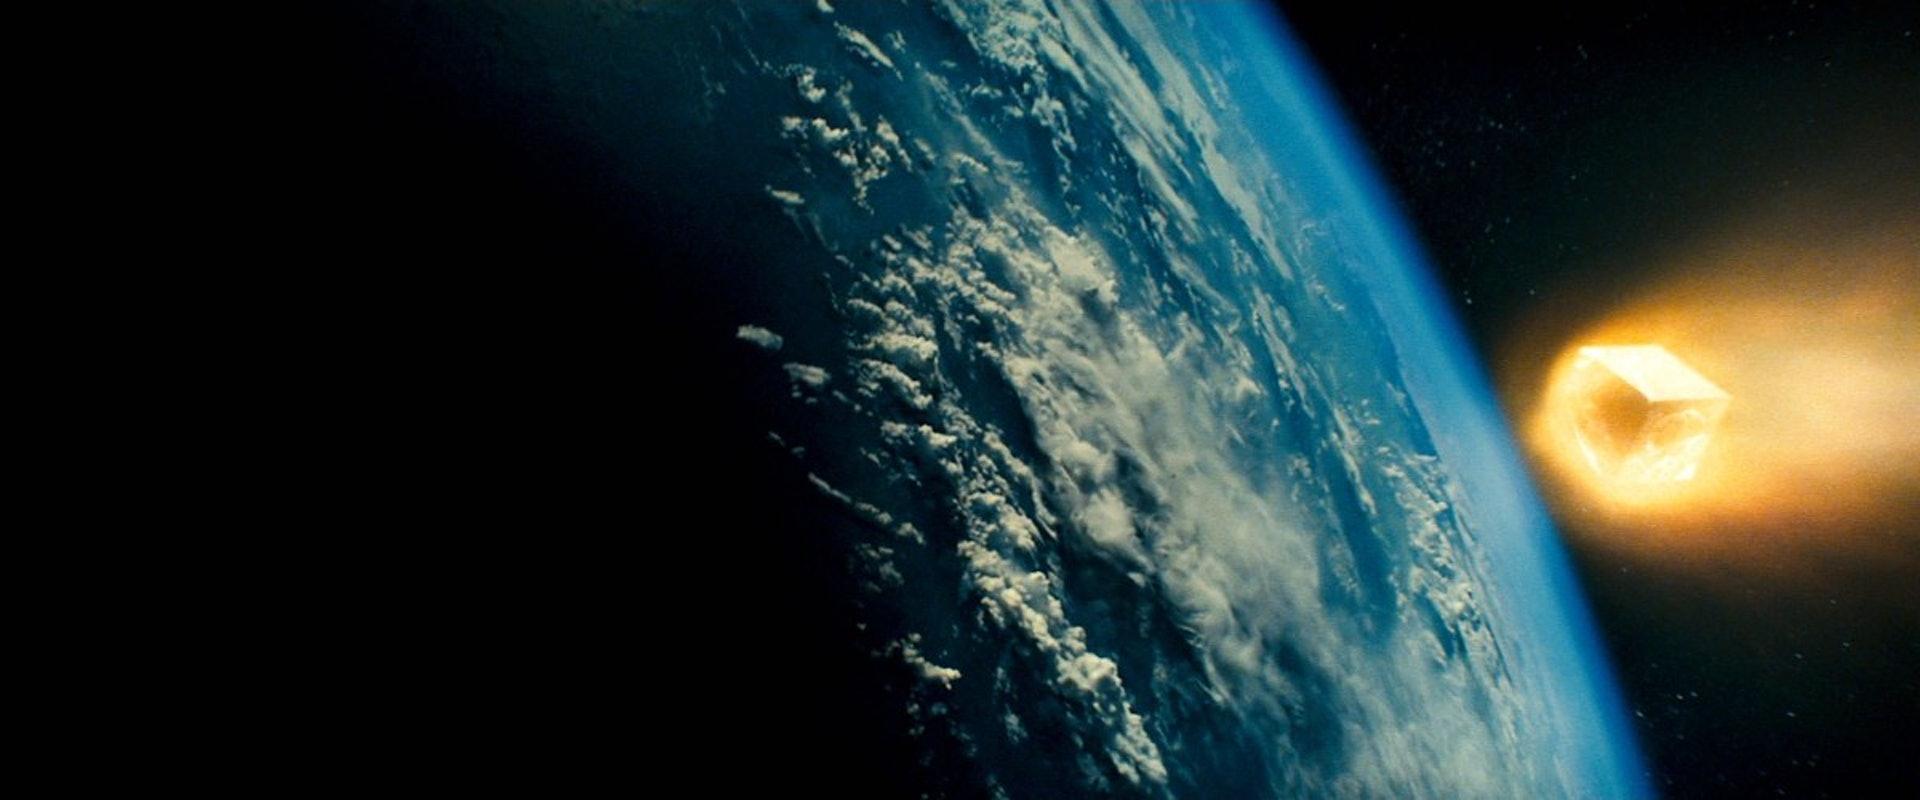 當年首集《變形金剛》曾指出Allspark落入地球。(劇照)